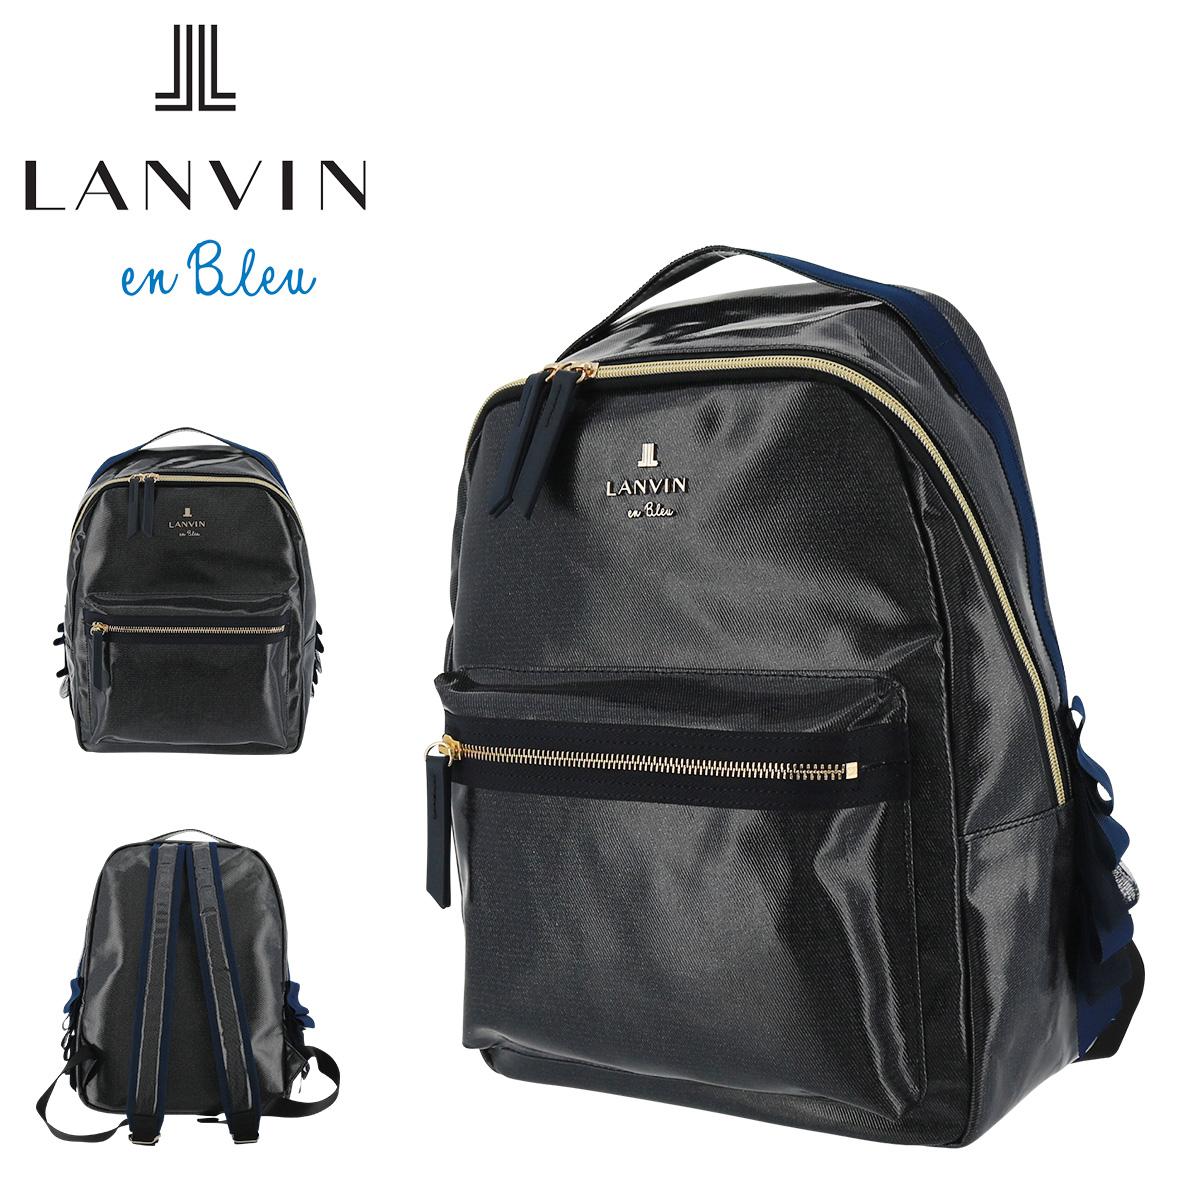 ランバンオンブルー リュック オルセー レディース 482502 LANVIN en Bleu   リュックサック [即日発送]